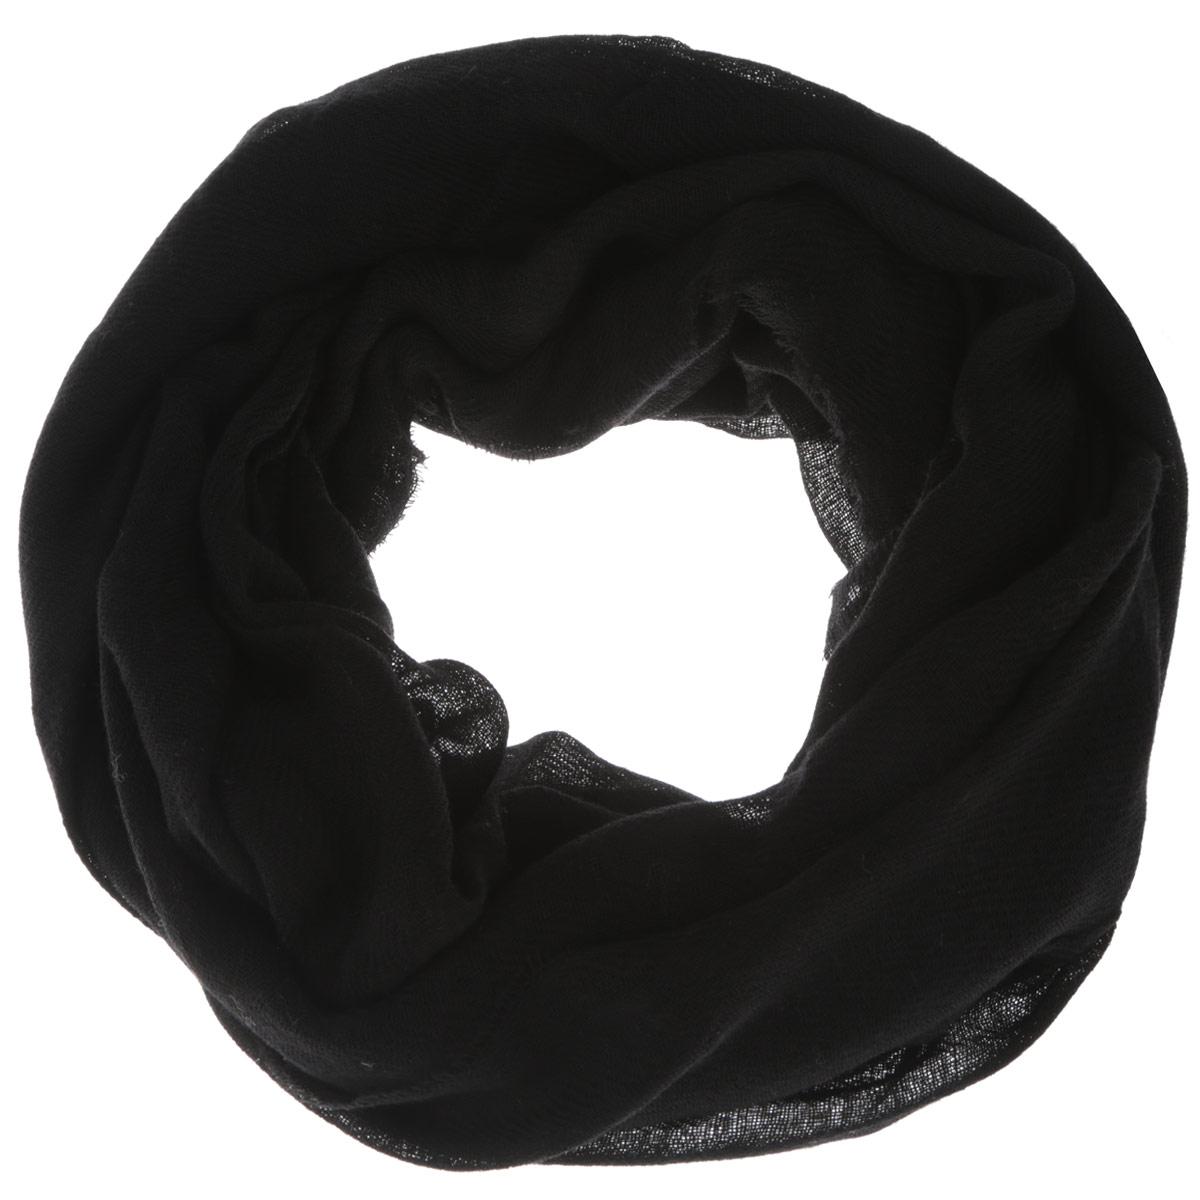 Шарф женский Calvin Klein Jeans, цвет: черный. K60K601491. Размер универсальныйK60K601491Женский шарф Calvin Klein согреет вас в холодное время года, а также станет изысканным аксессуаром, который призван подчеркнуть ваш стиль и индивидуальность. Оригинальный шарф выполнен из 100% шерсти, оформлен принтом в виде названия бренда и украшен тонкой бахромой по краям.Такой шарф станет превосходным дополнением к любому наряду и защитит вас от ветра и холода.